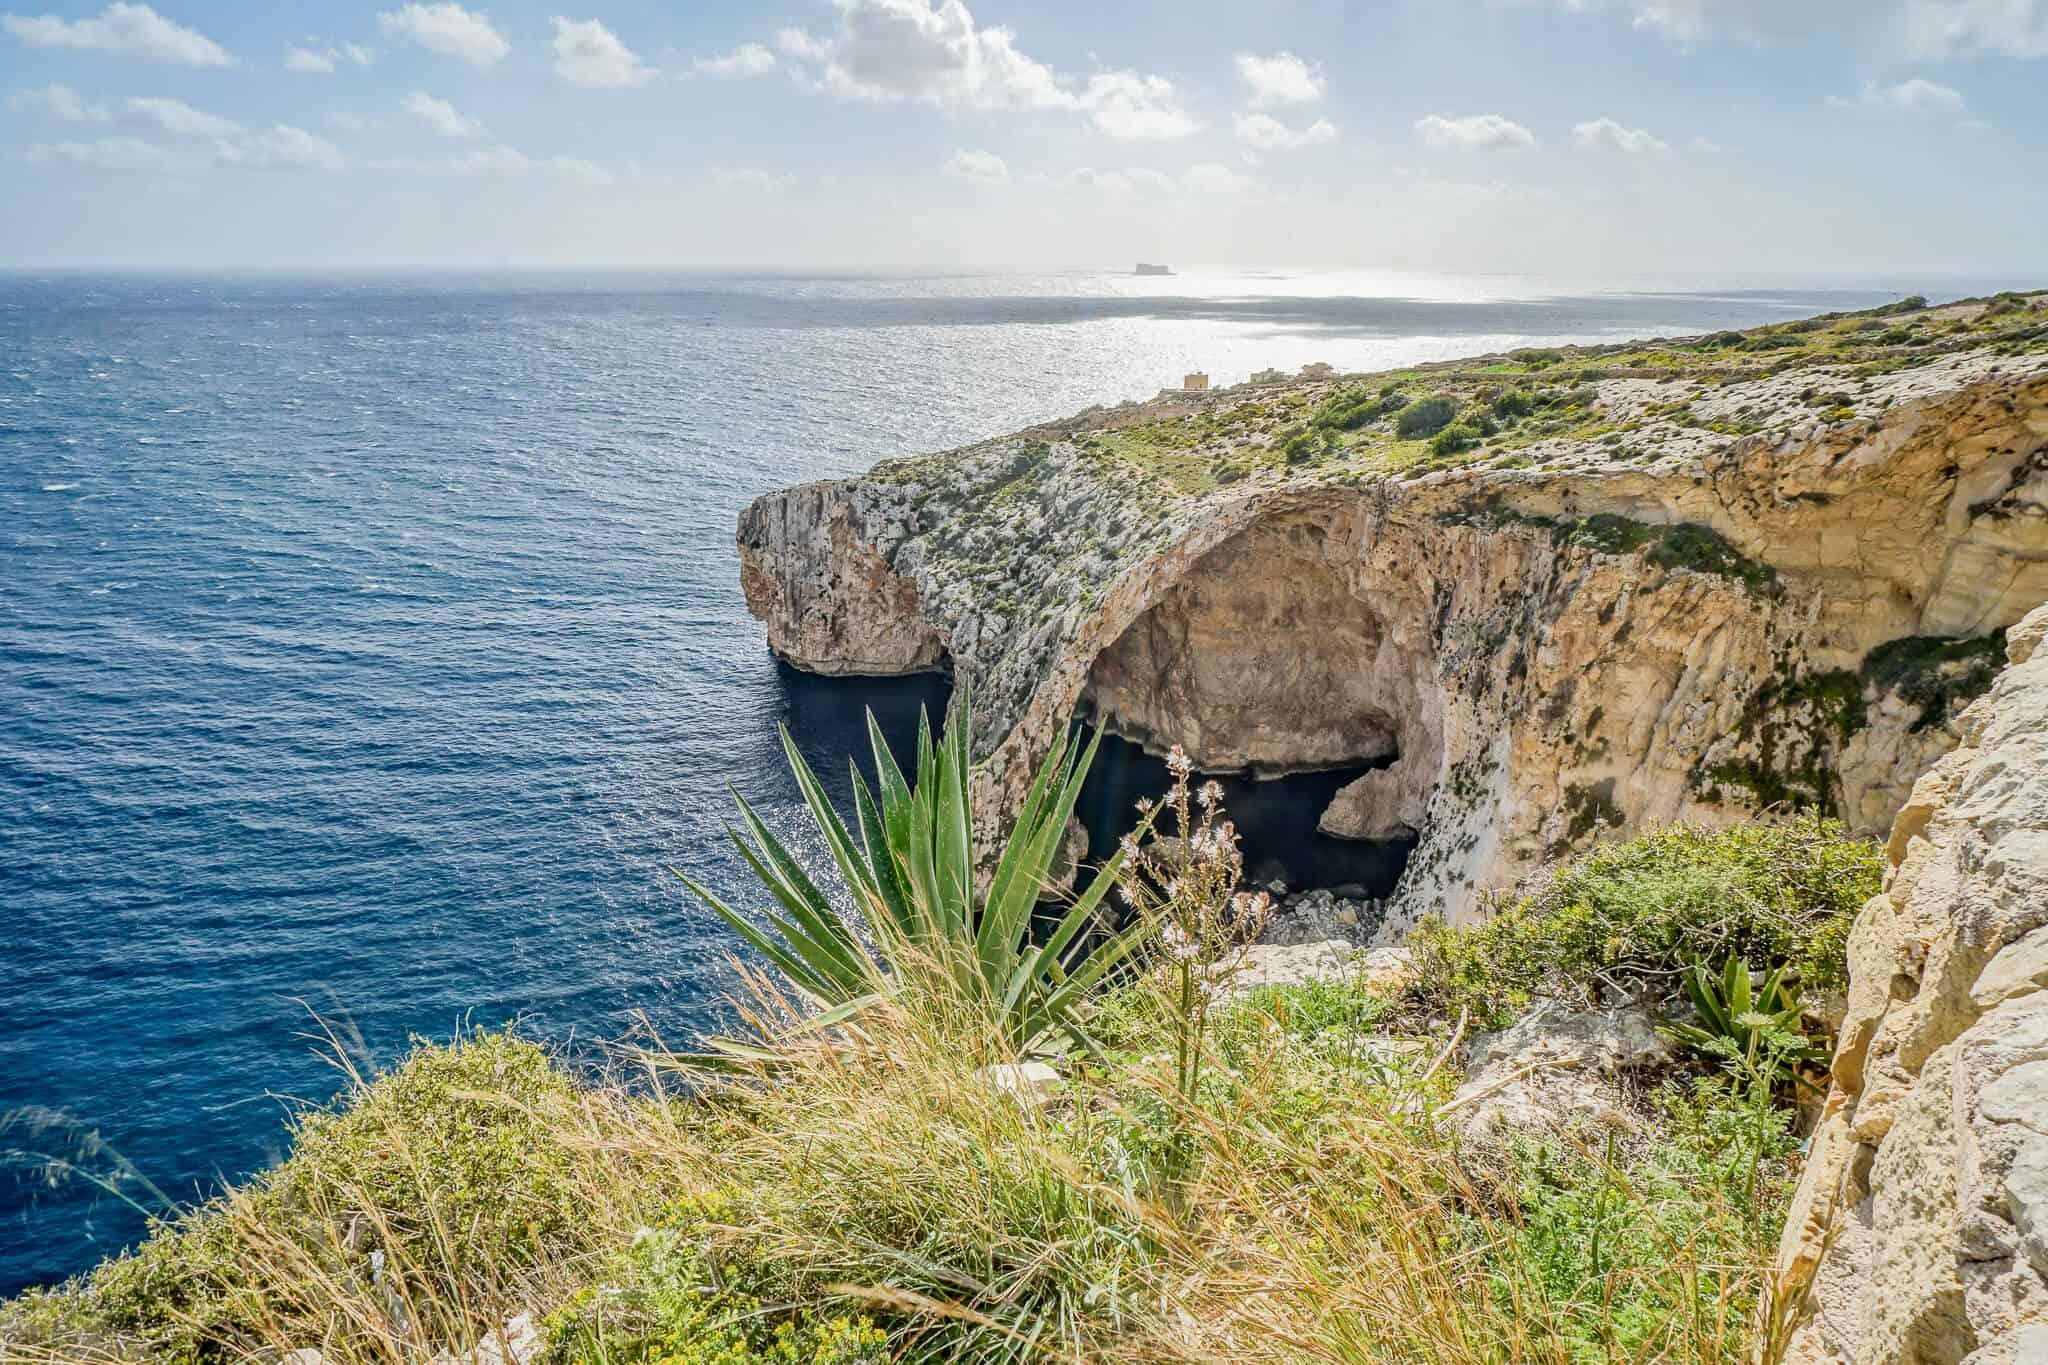 Blue Grotto von oben